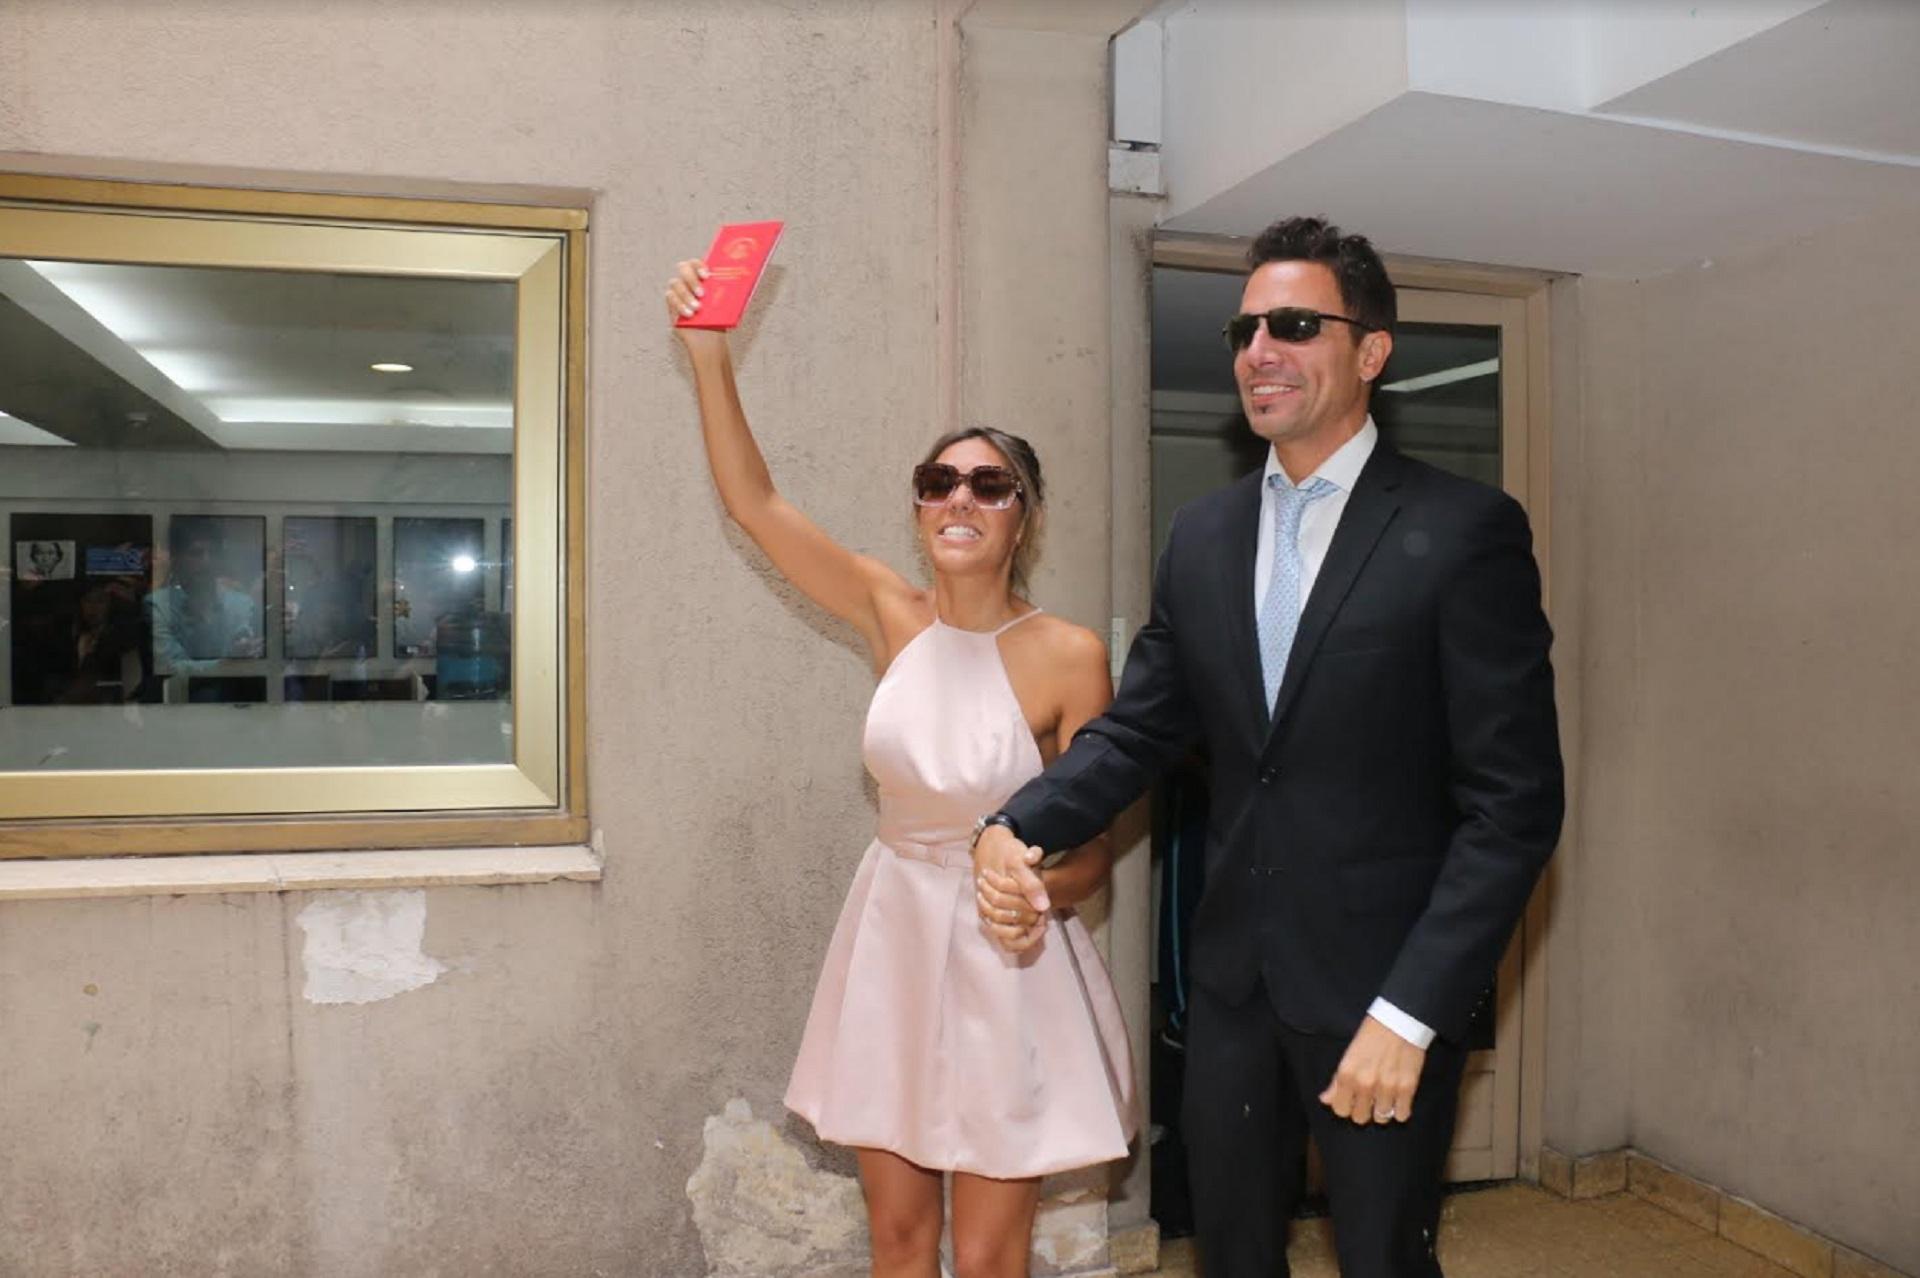 Floppy Tesouro y Rodrigo Fernández Prieto se casaron el lunes 27 en el Registro Civil de la calle Uruguay y el sábado 2 realizarán una mega fiesta para 250 invitados en Punta del Este. La pareja dio el sí pasado el mediodia y estuvieron acompañados por su hija, Moorea, de un año (Crédito: Verónica Guerman/Teleshow)